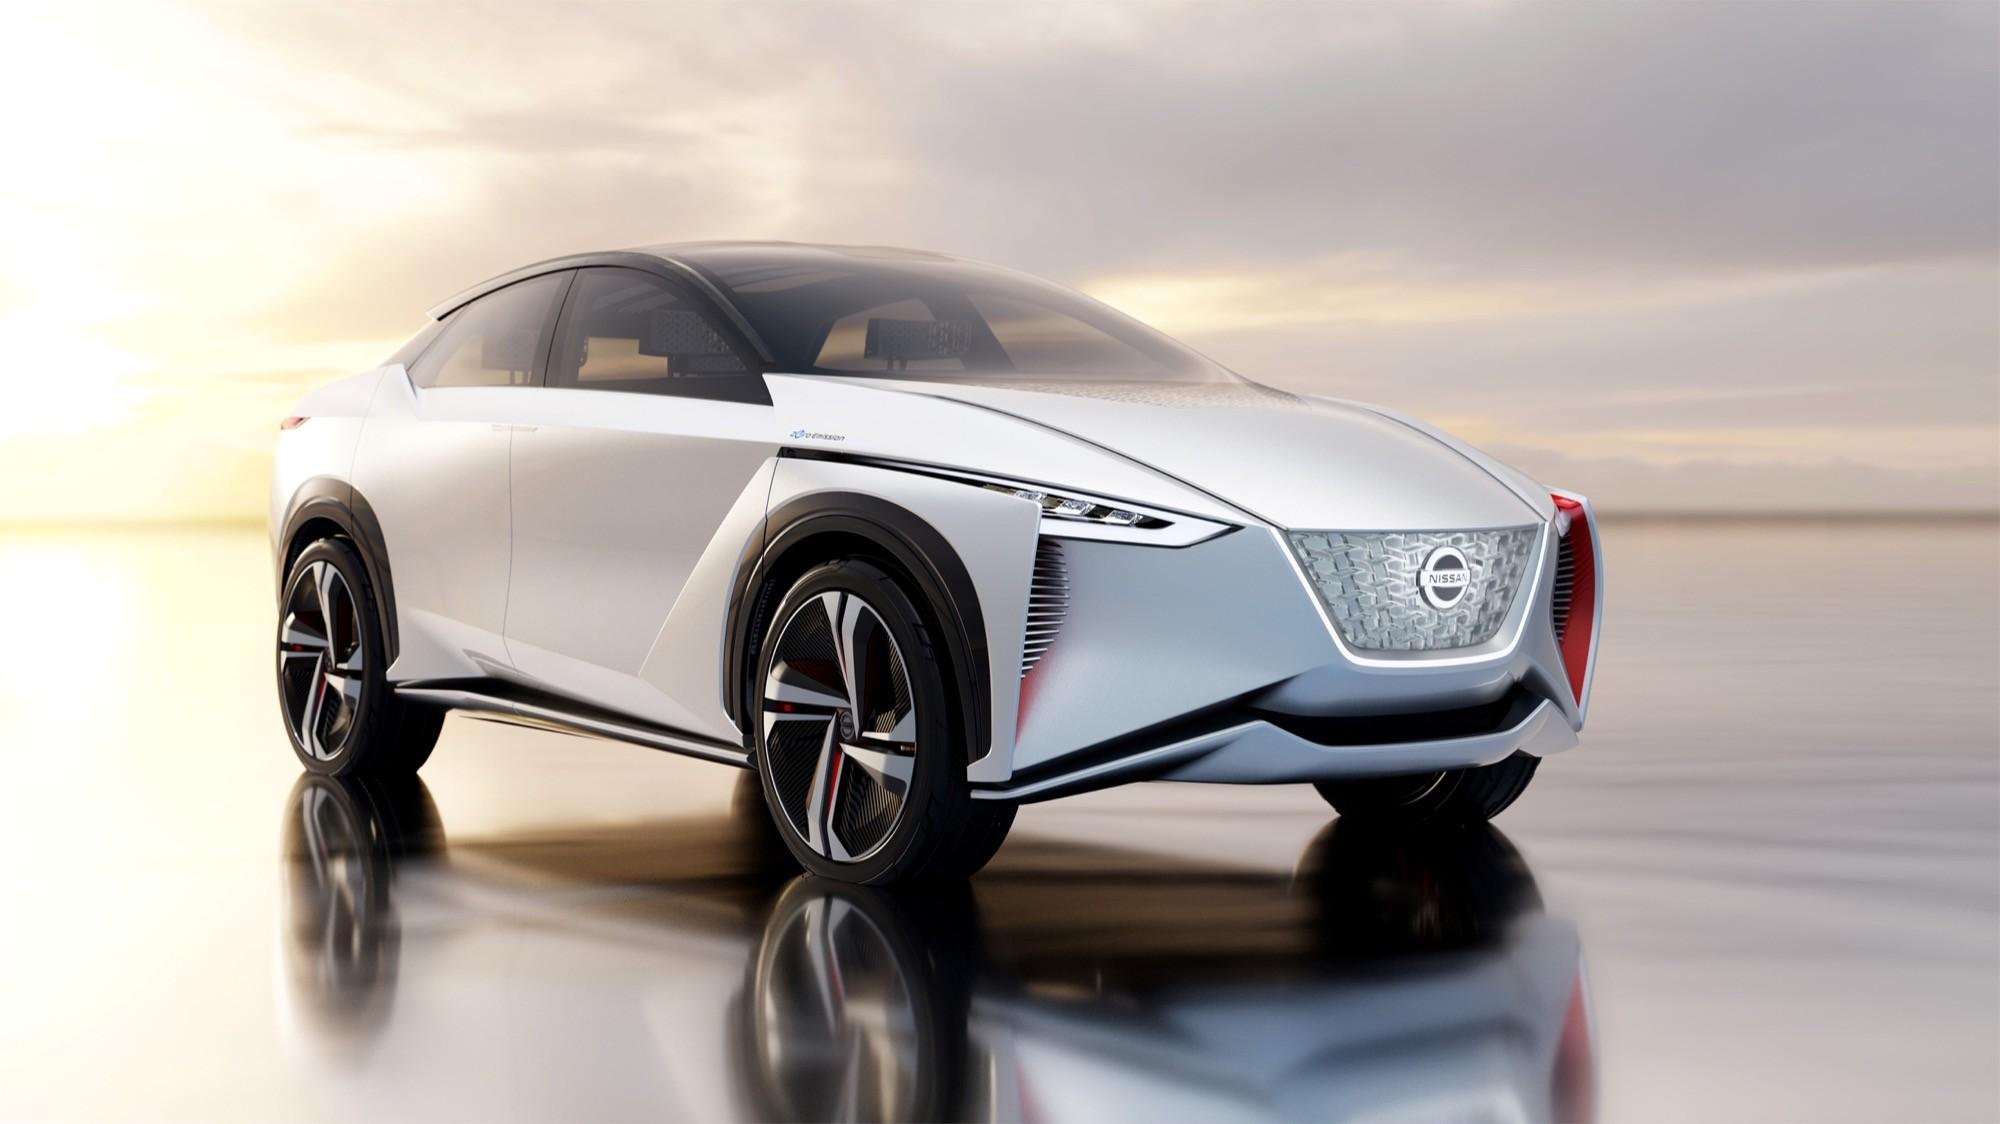 IMx Concept: Nissans Elektroauto ist drehmomentstärker als der GT-R - Nissan IMx Concept (Bild: Nissan)